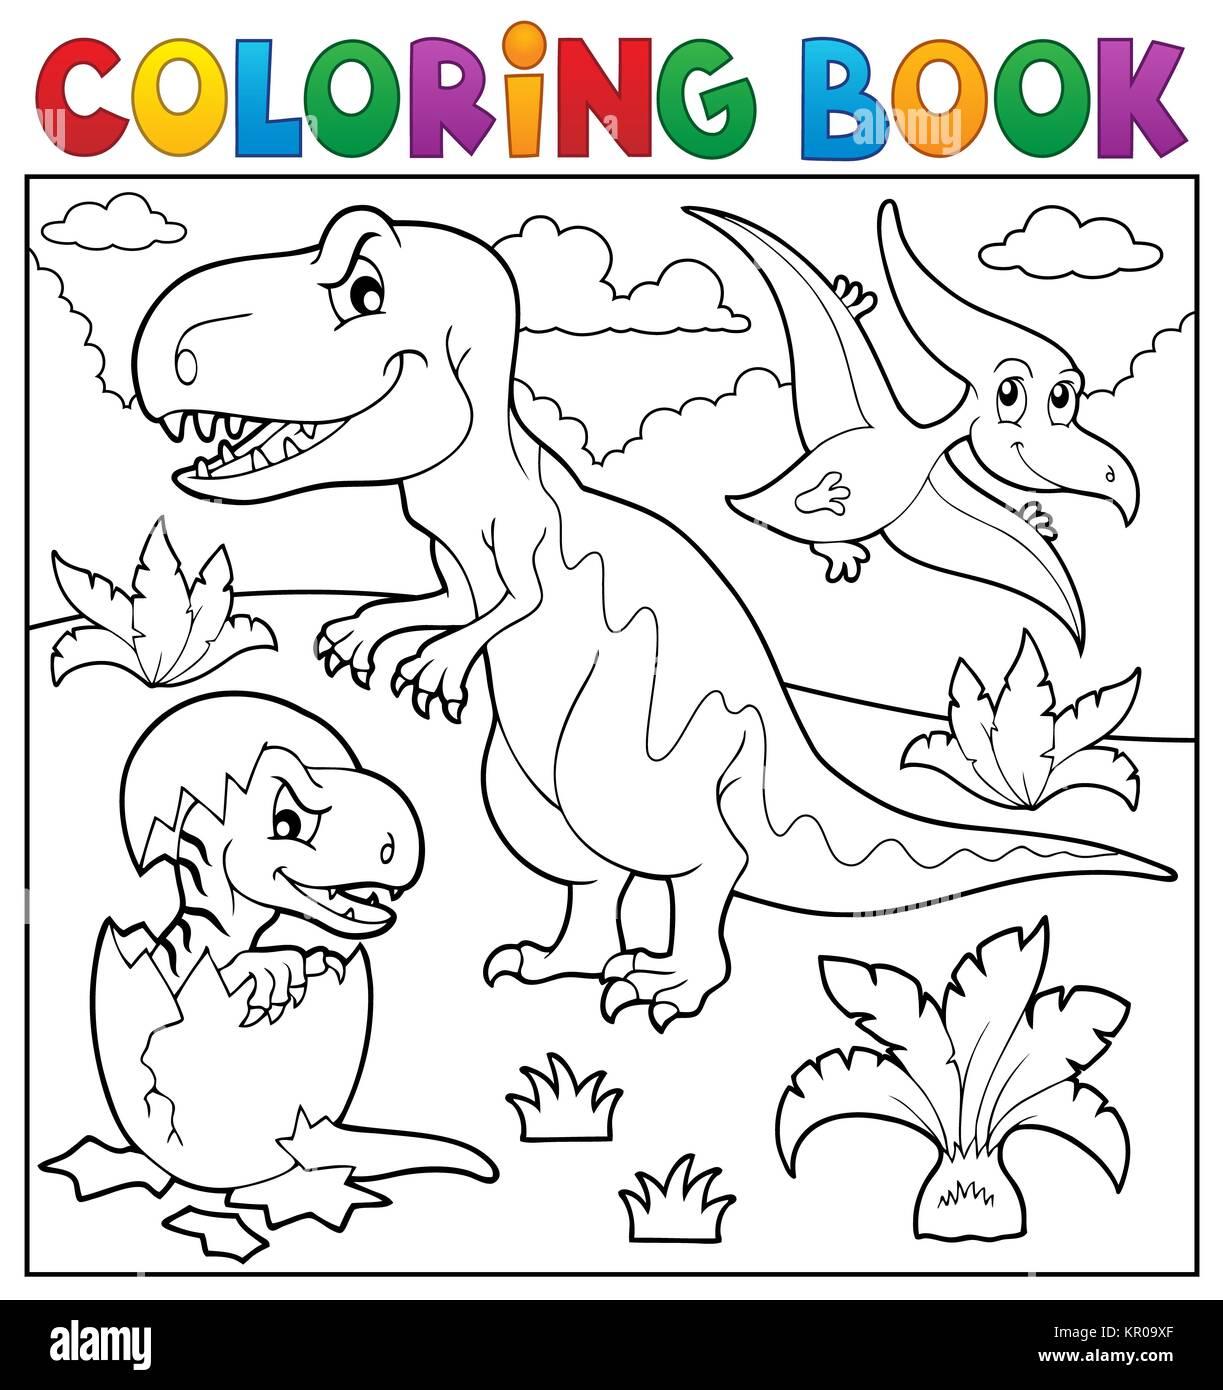 Livre Coloriage Dinosaure.Theme 9 Livre De Coloriage Dinosaure Banque D Images Photo Stock